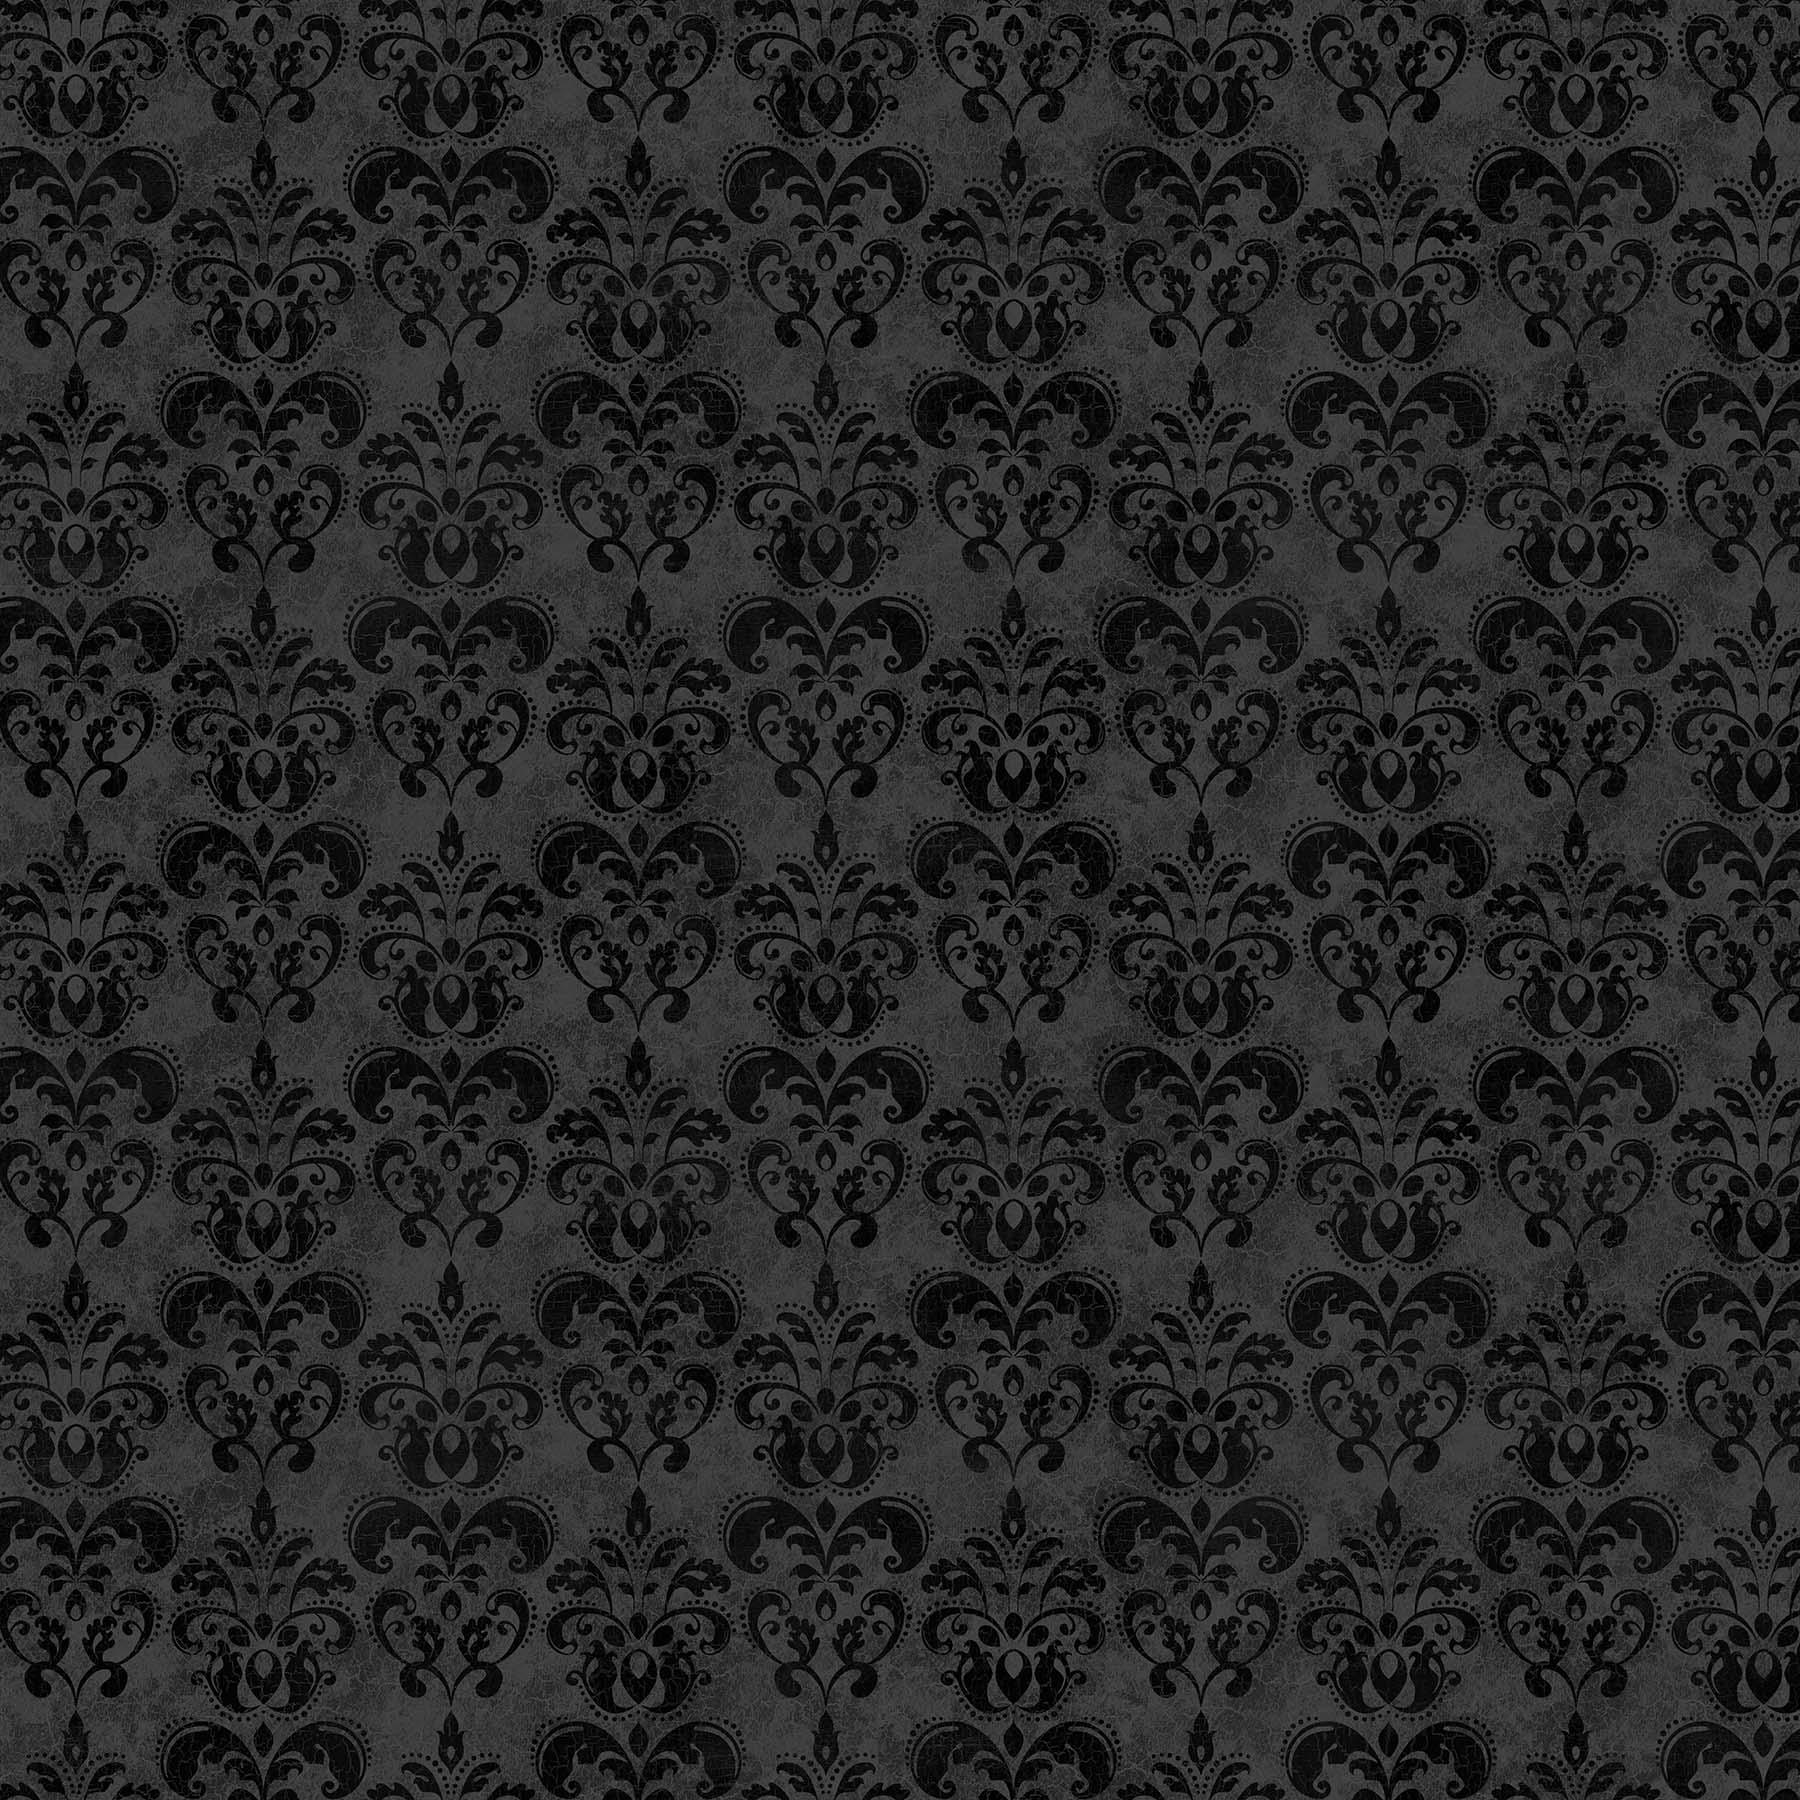 BLACK CAT CAPERS BLACK GRAY 24124-99